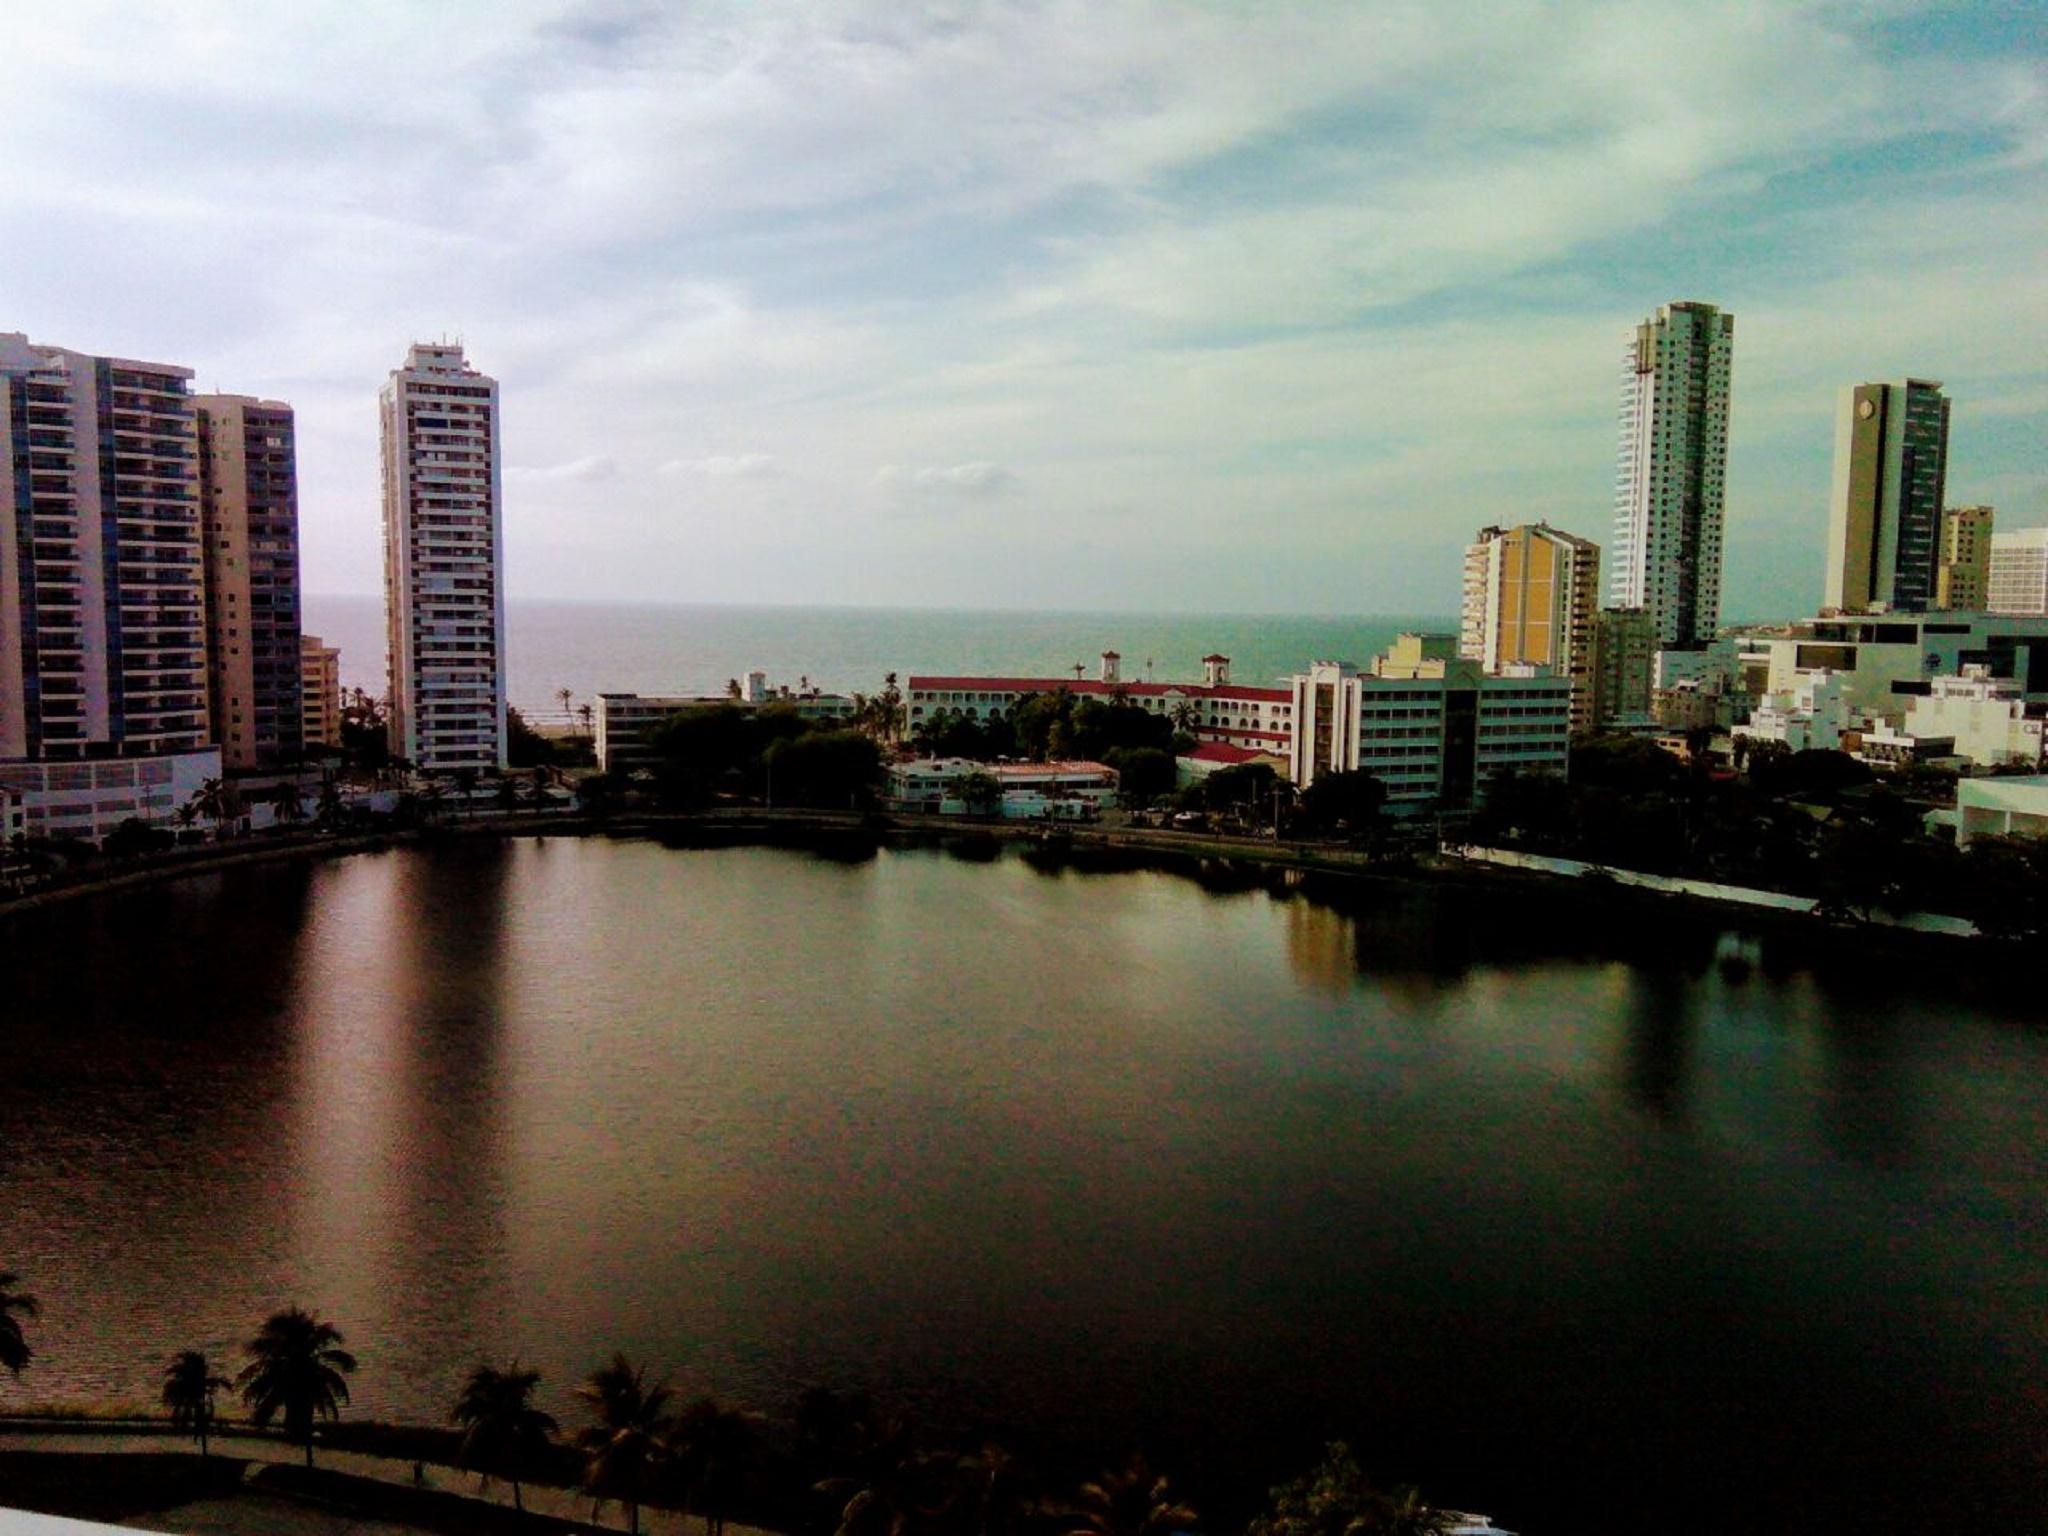 Wohnung in Cartagena direkt am Meer E12c-3